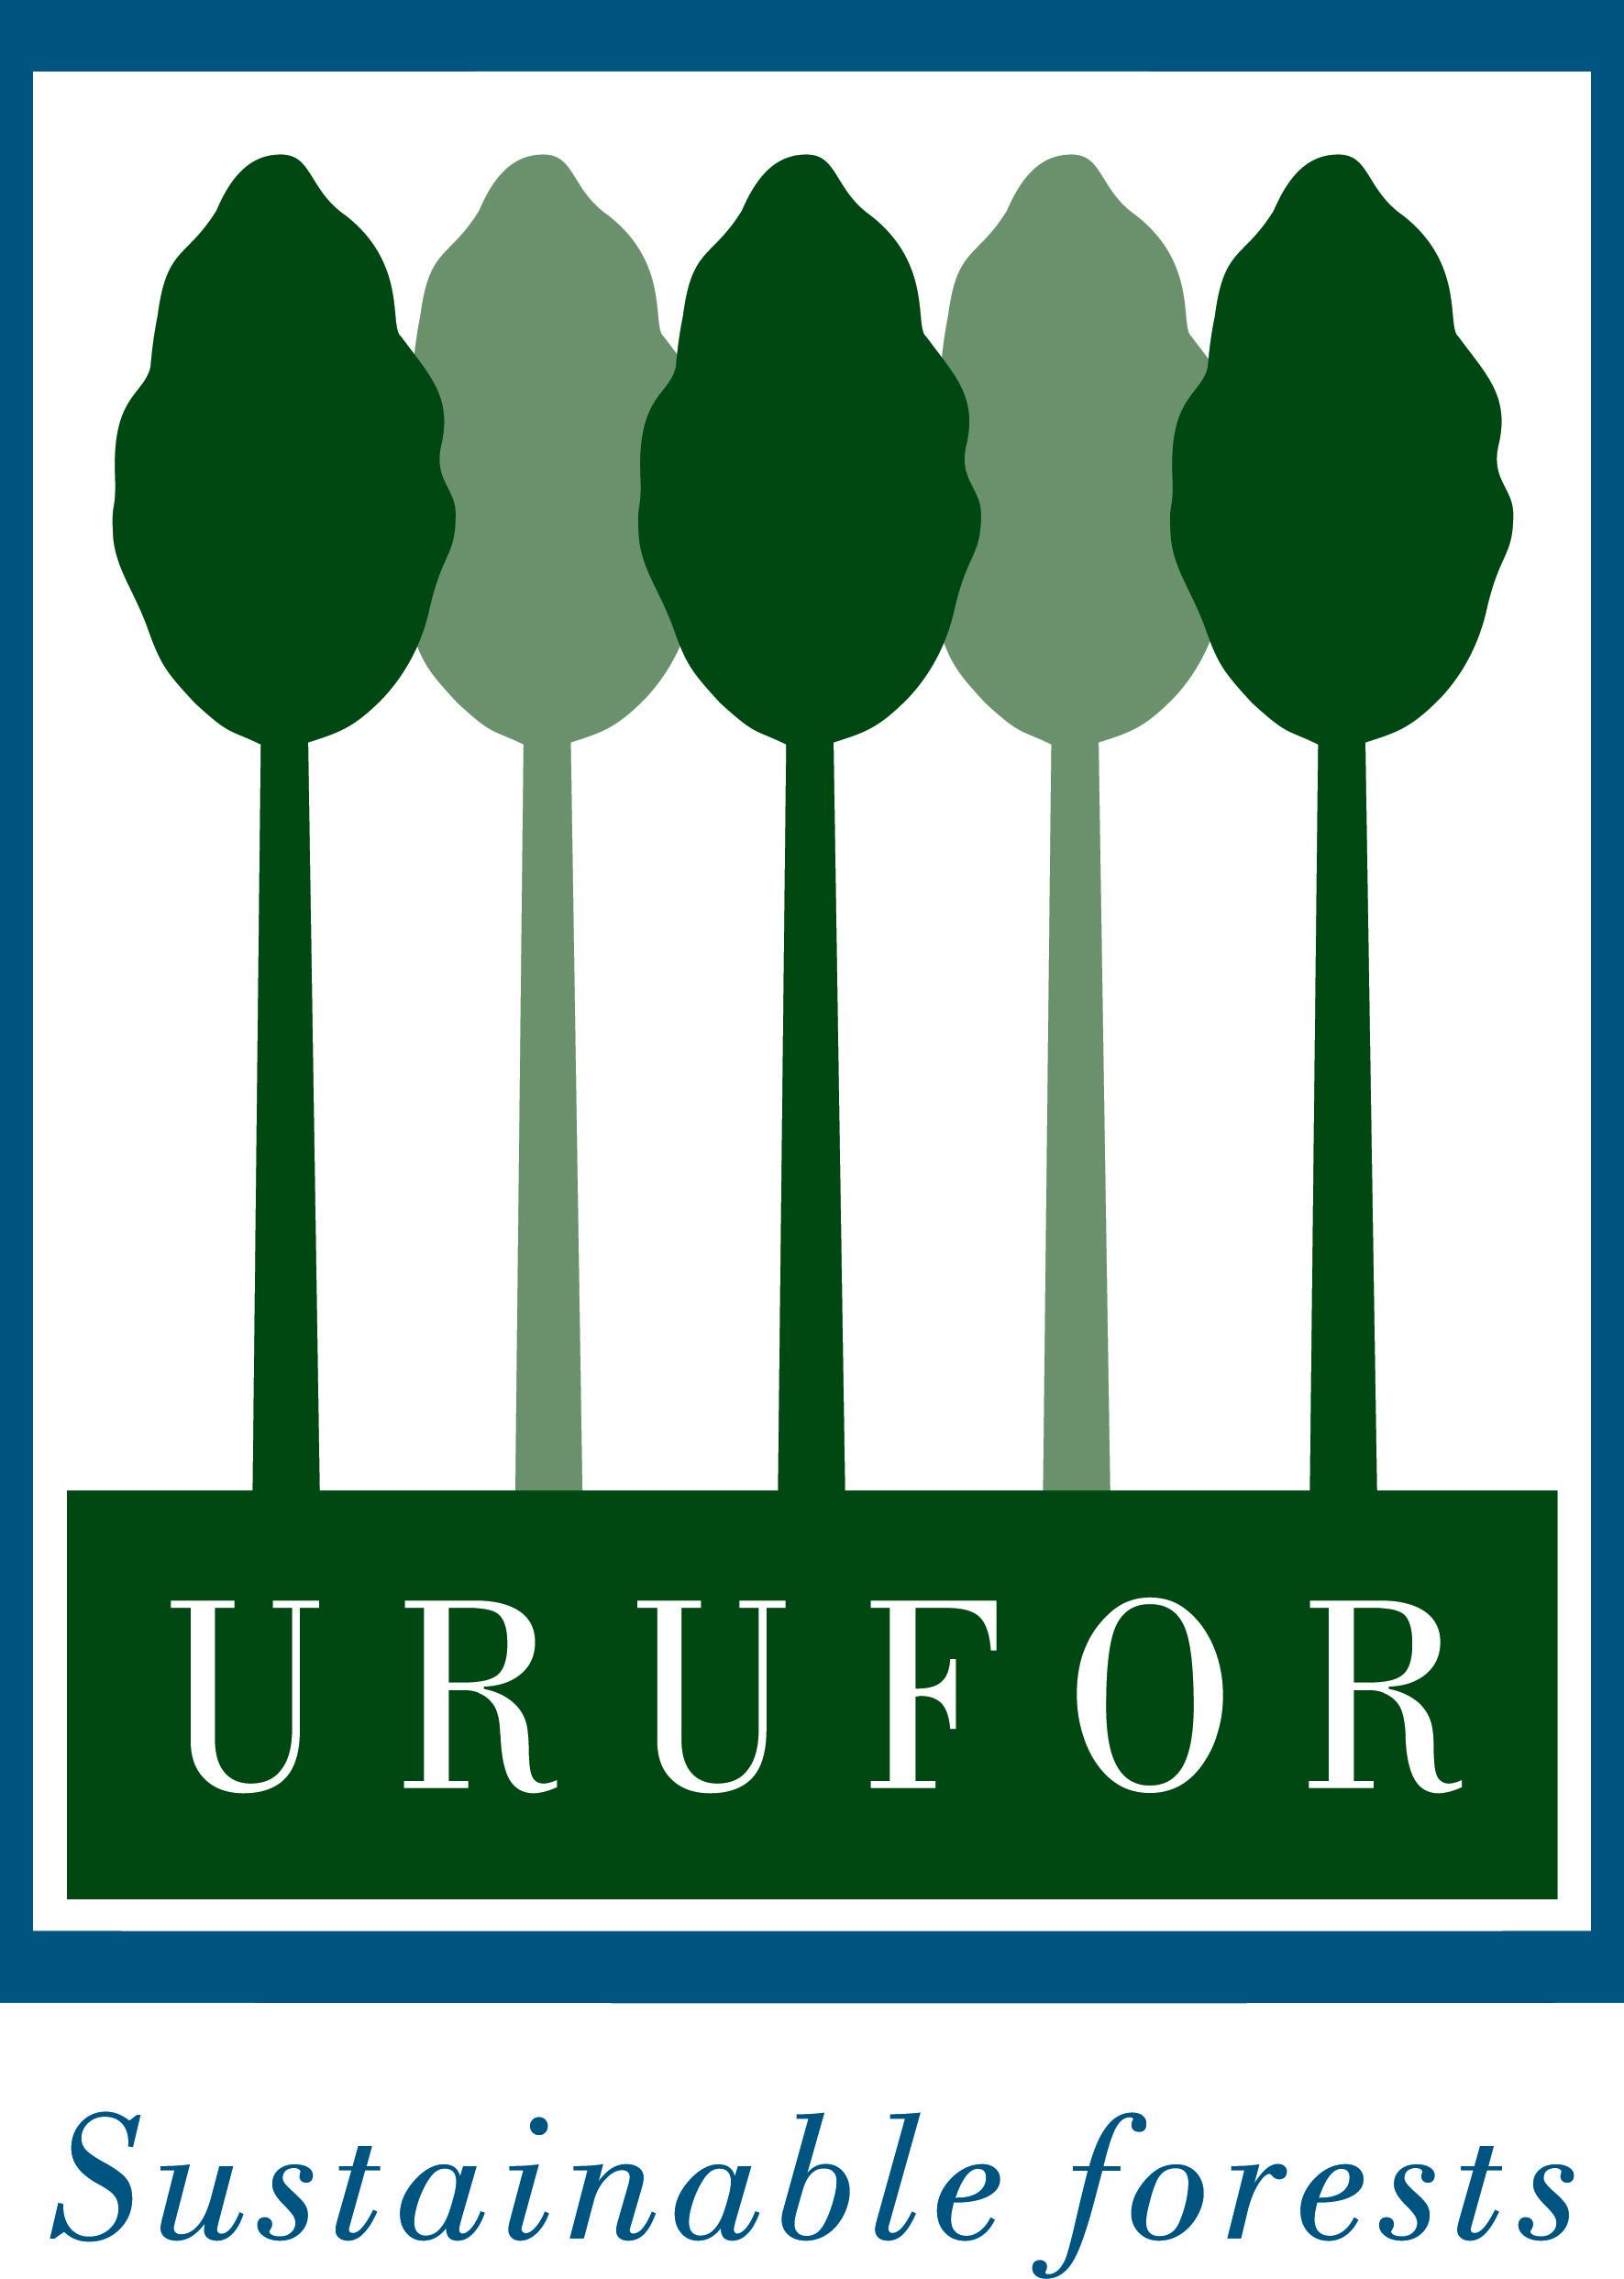 URUFOR